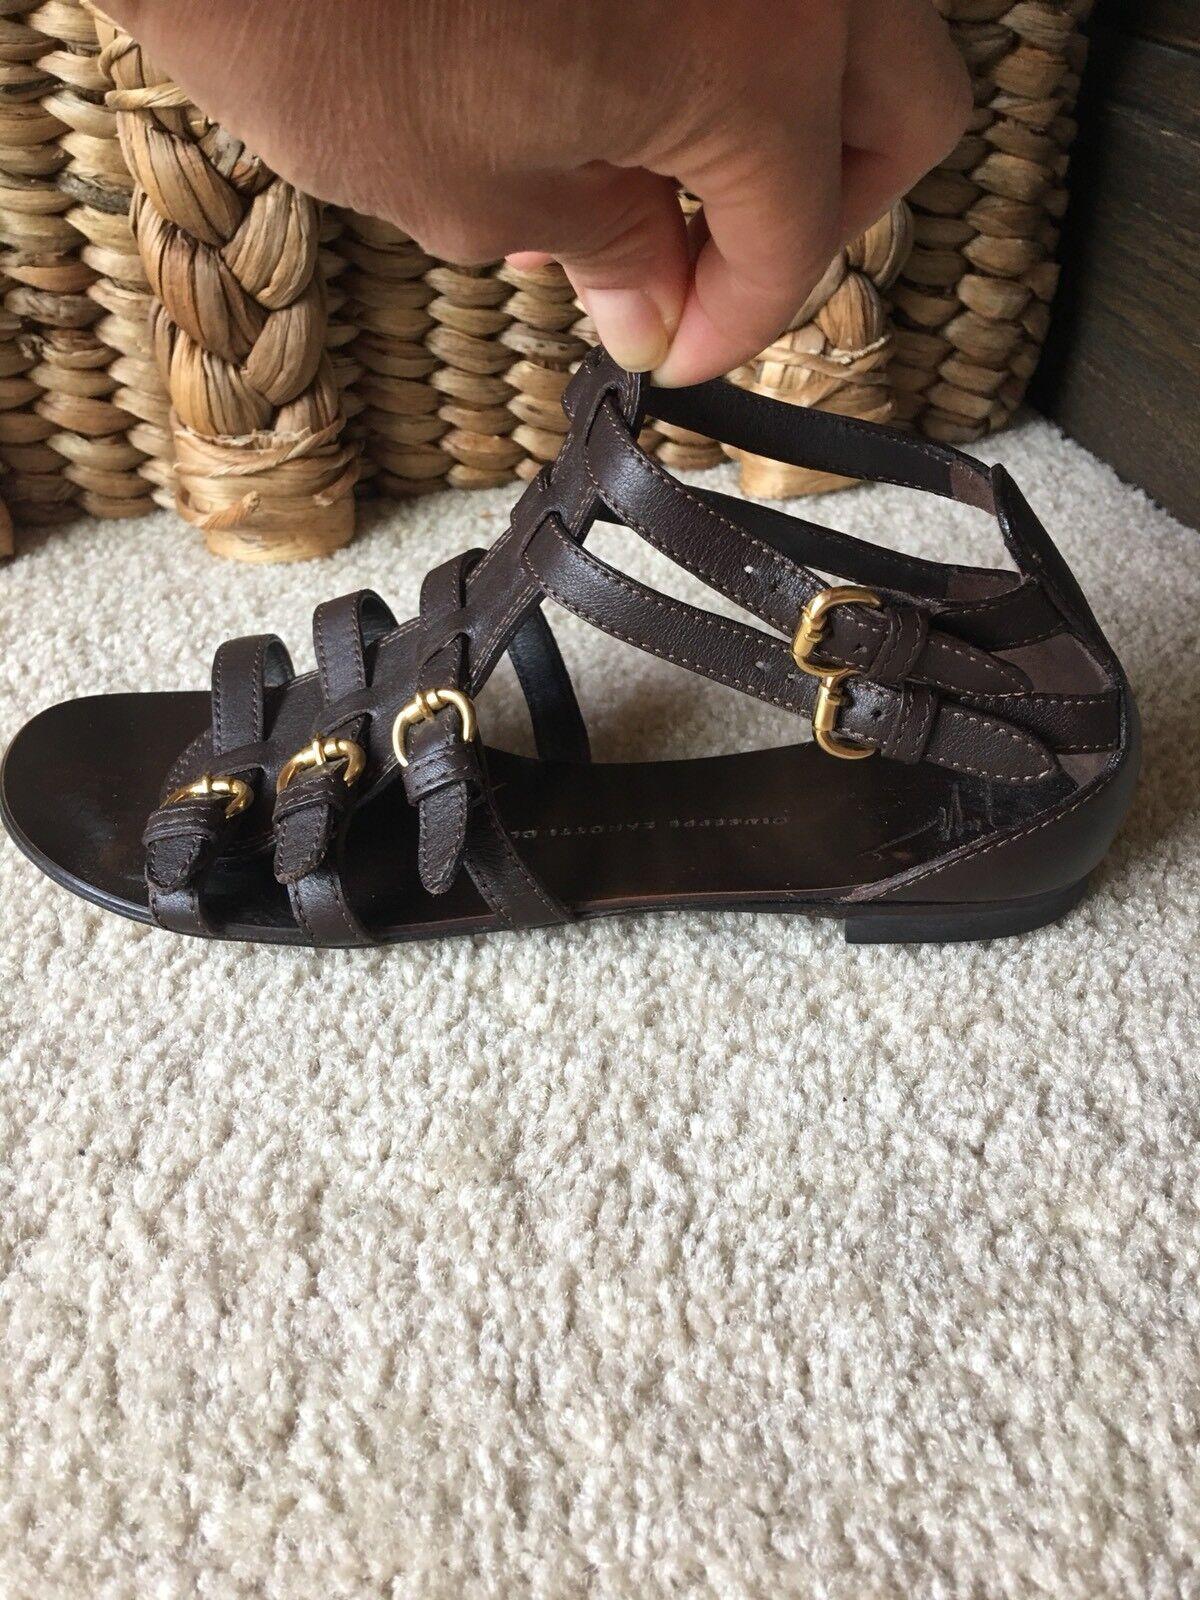 Auténtico Guiseppe Zanotti Marrón Cuero Sandalias Zapatos como nuevo  Raro